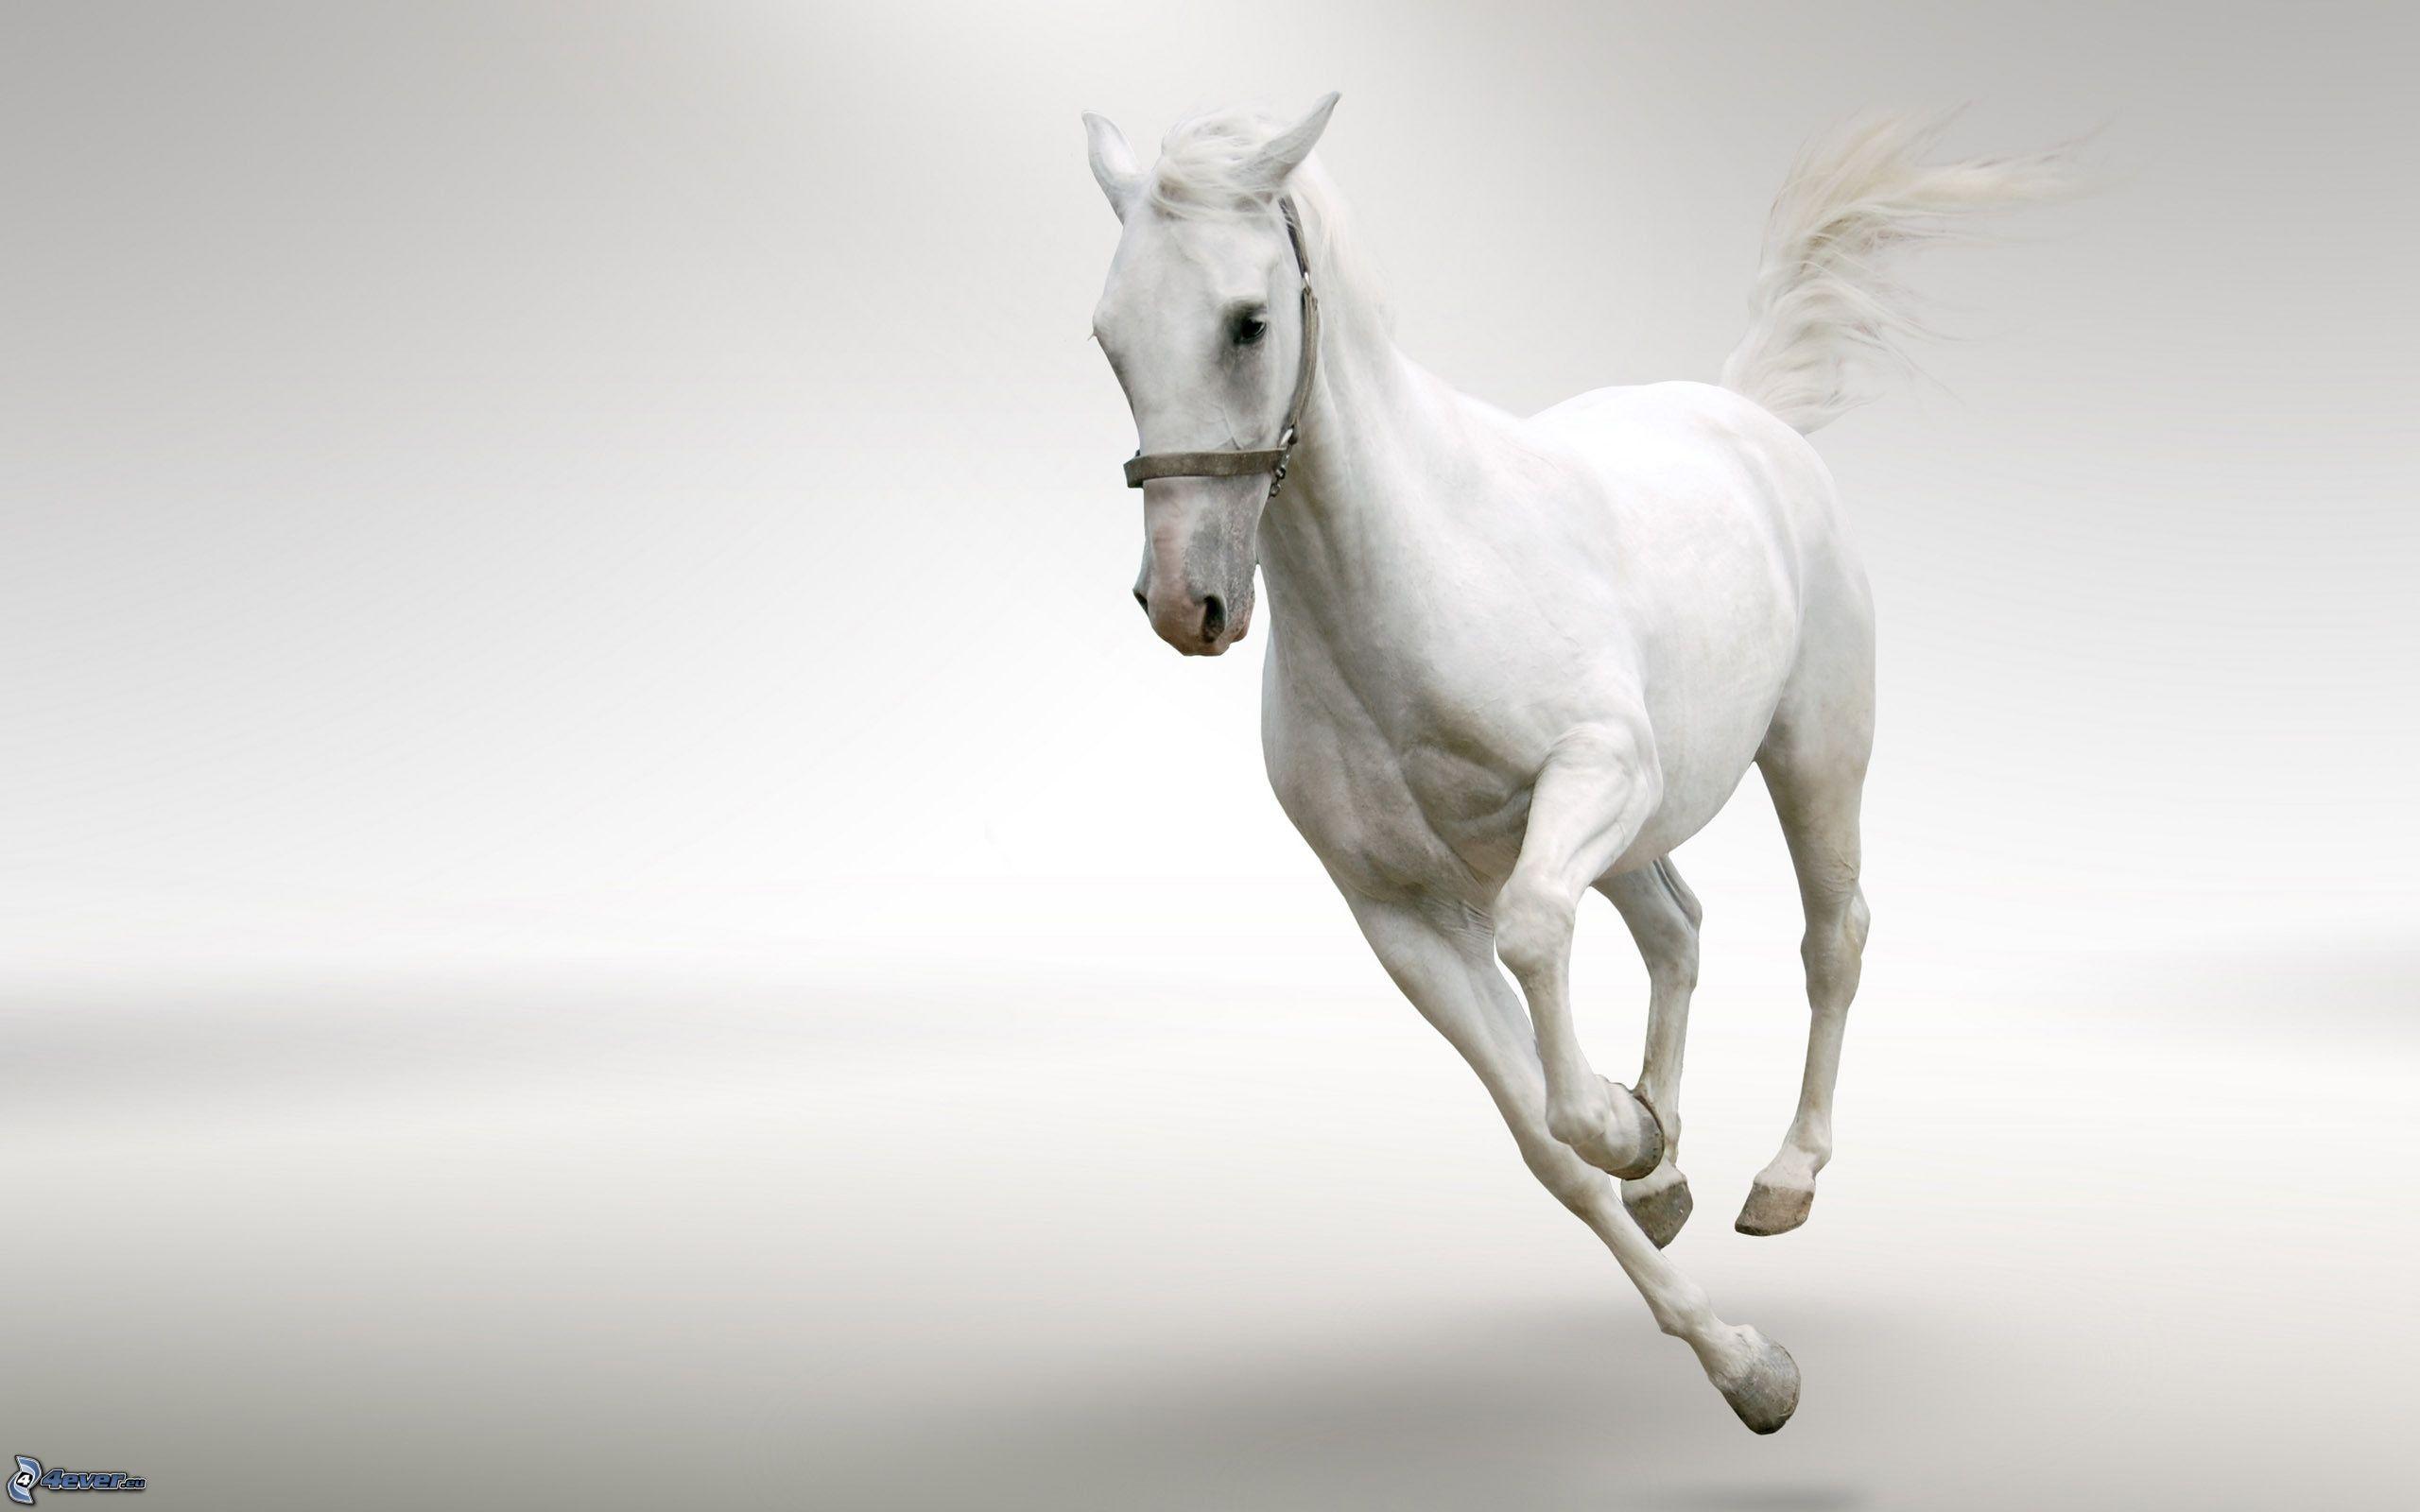 cavallo-bianco